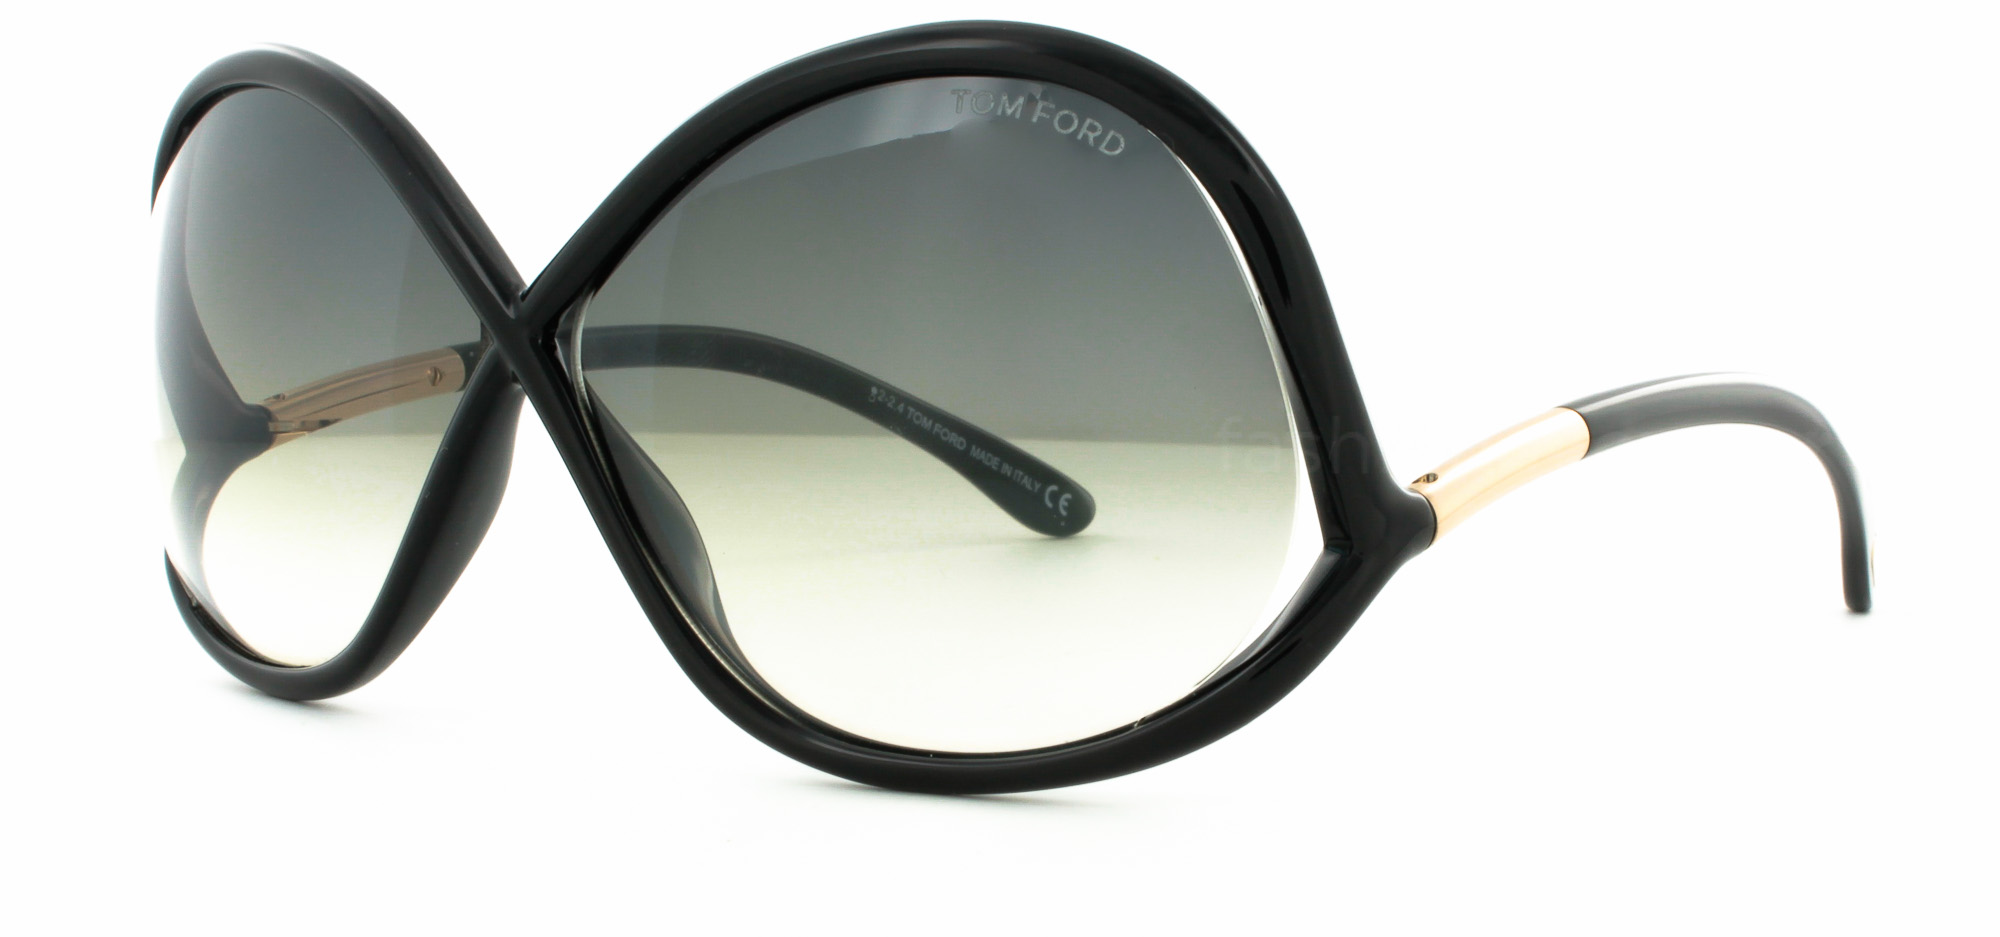 Designer Sunglasses For Cheap 9017